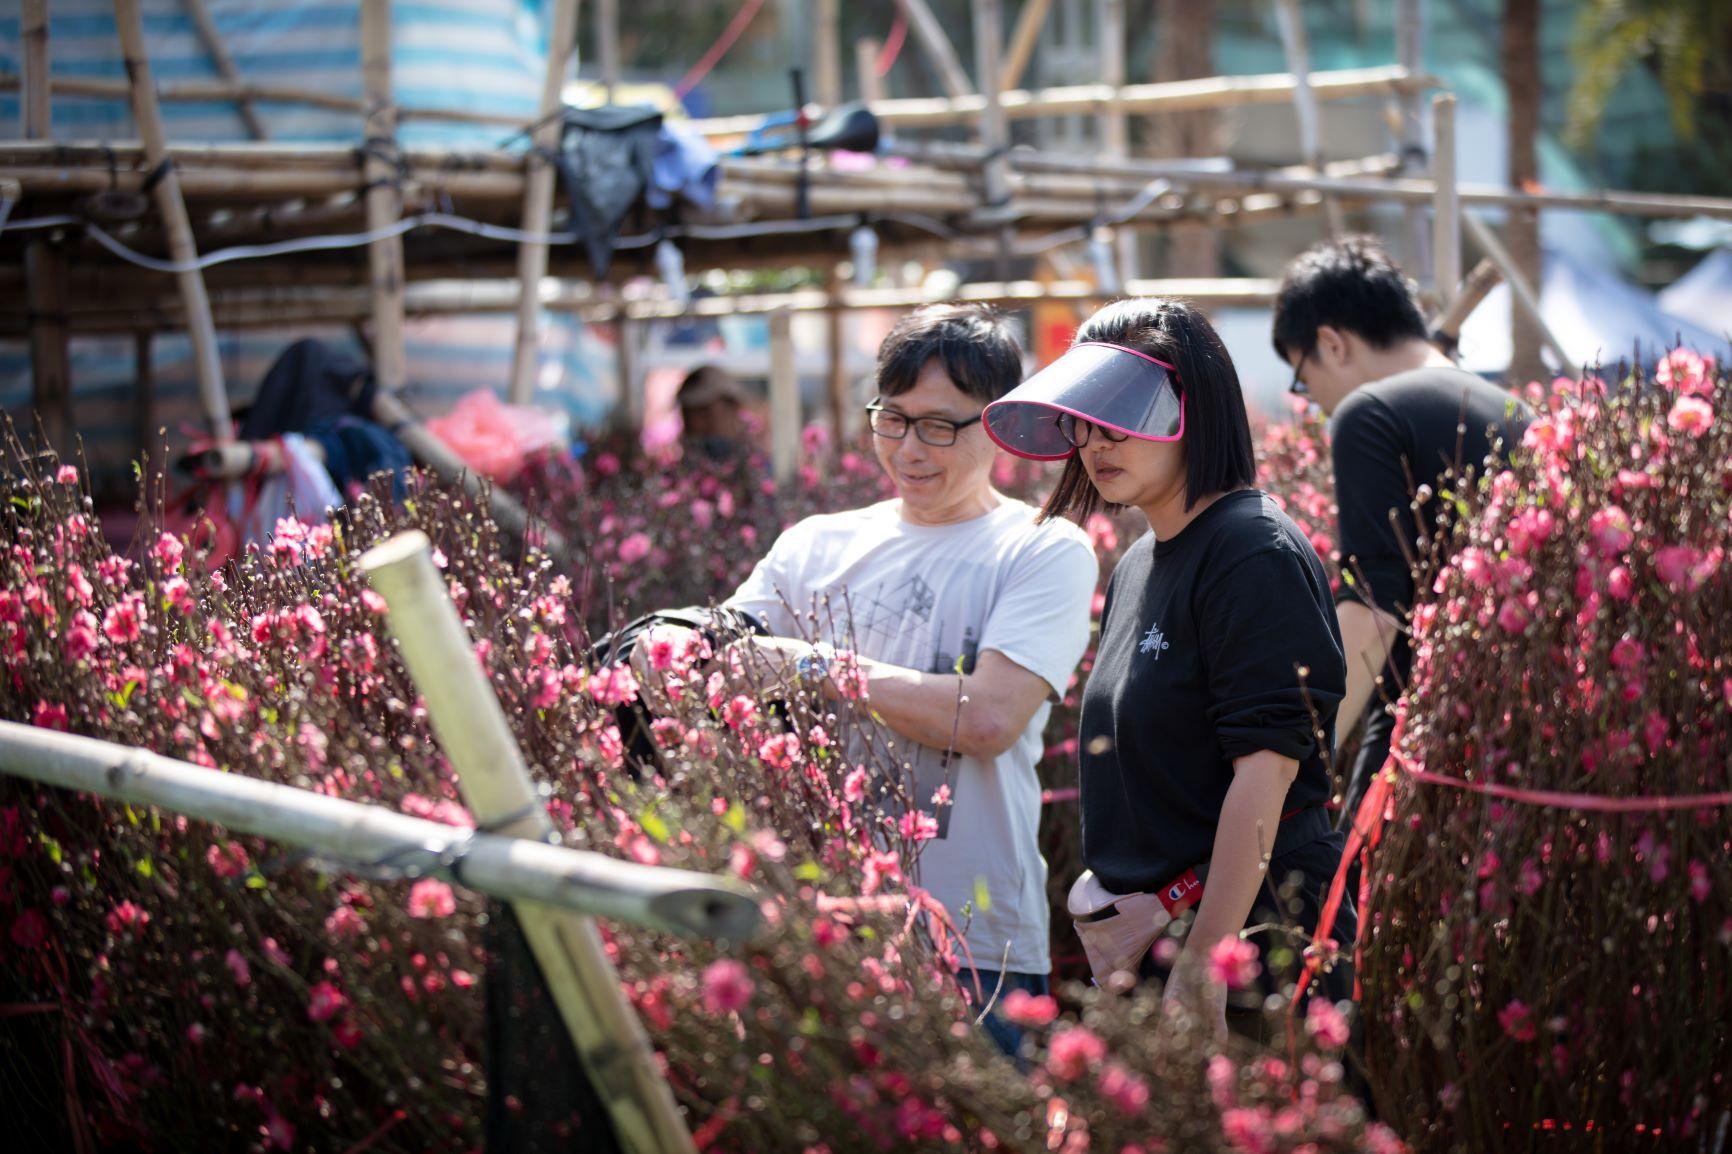 2020年維園年宵花市,天氣如初夏。 © Tse Pak Chai/Greenpeace